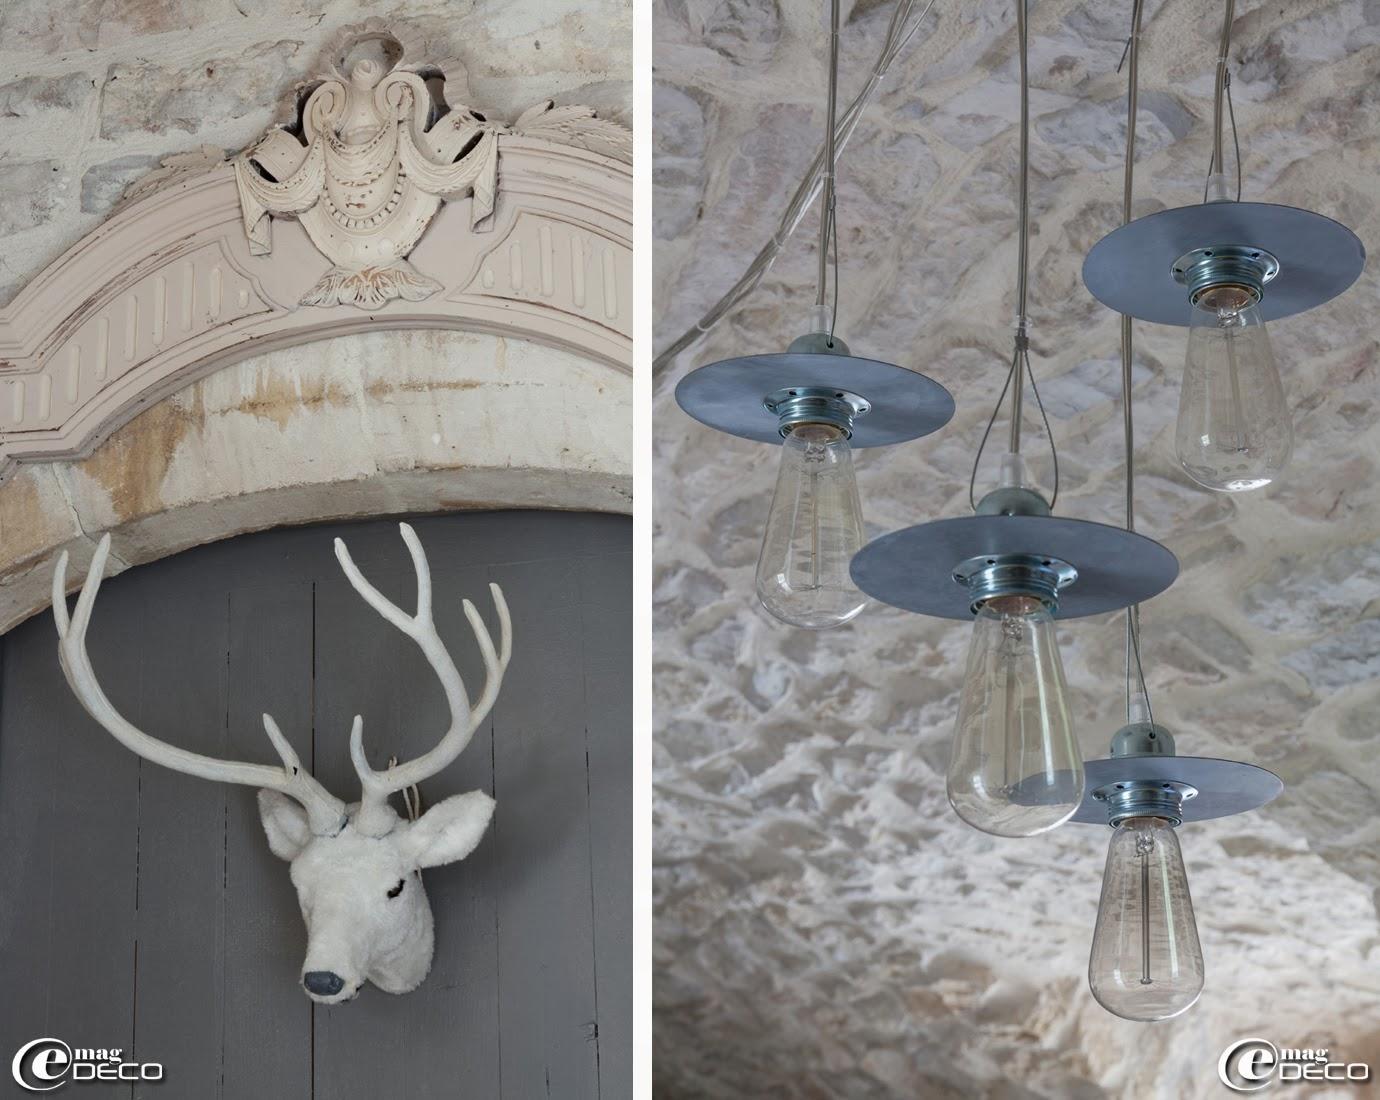 Trophée de cerf blanc 'Alinéa', suspensions en acier galvanisé 'Un esprit en plus'